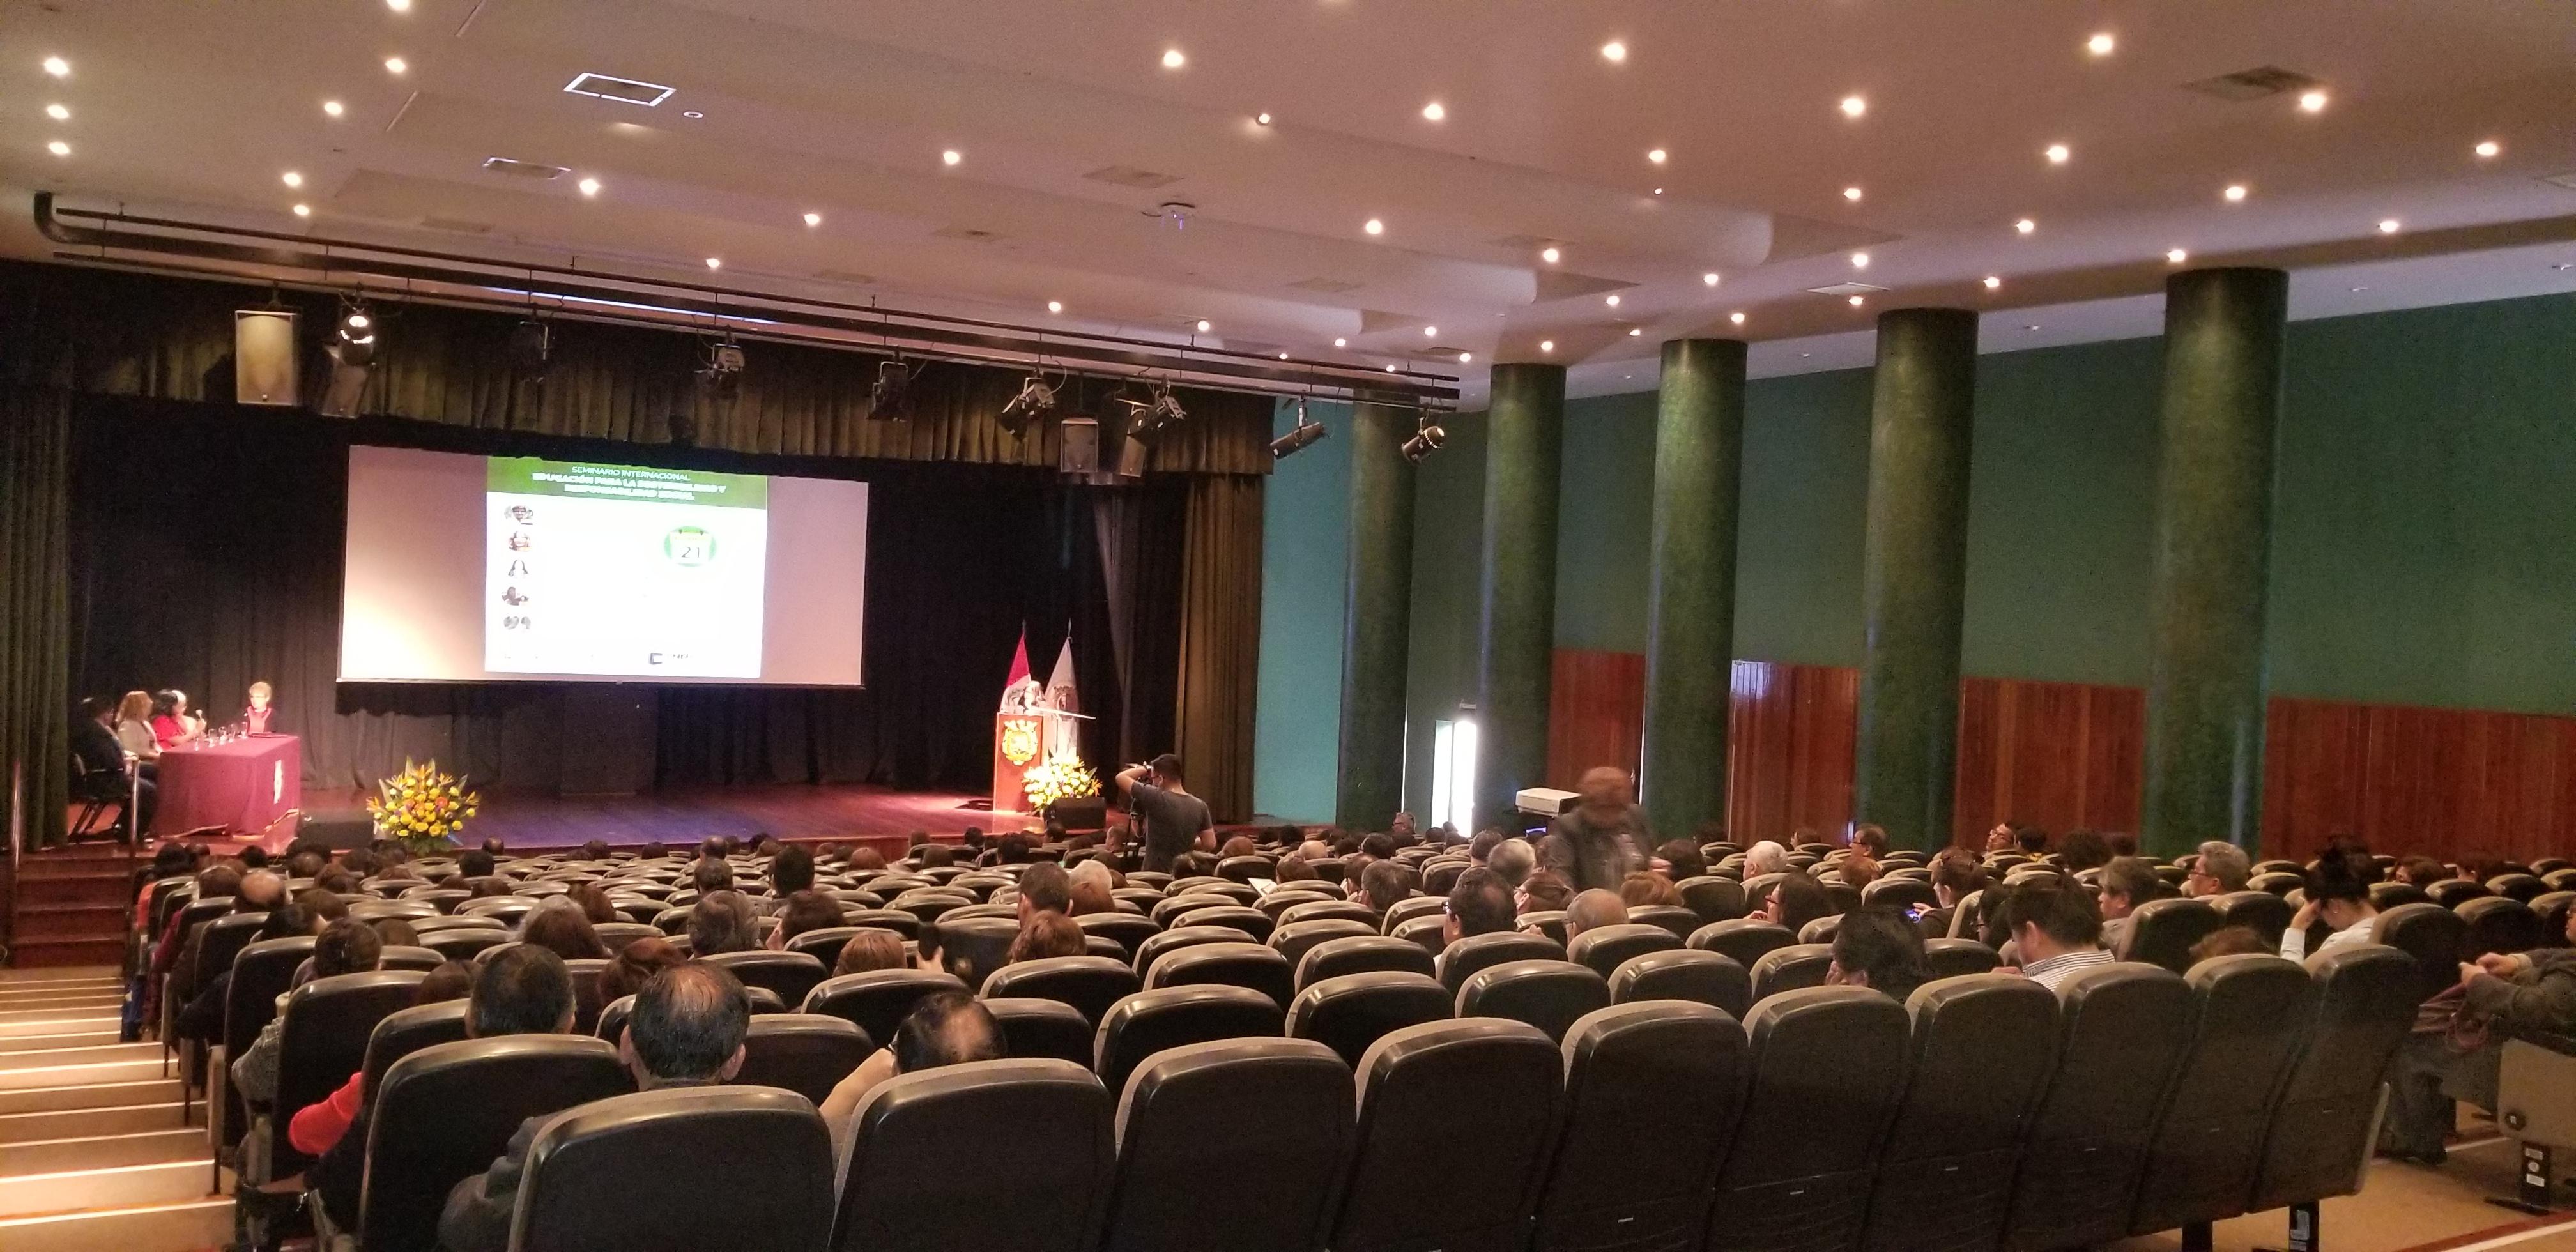 SEMINARIO INTERNACIONAL EDUCACIÓN PARA LA SOSTENIBILIDAD Y RESPONSABILIDAD SOCIAL